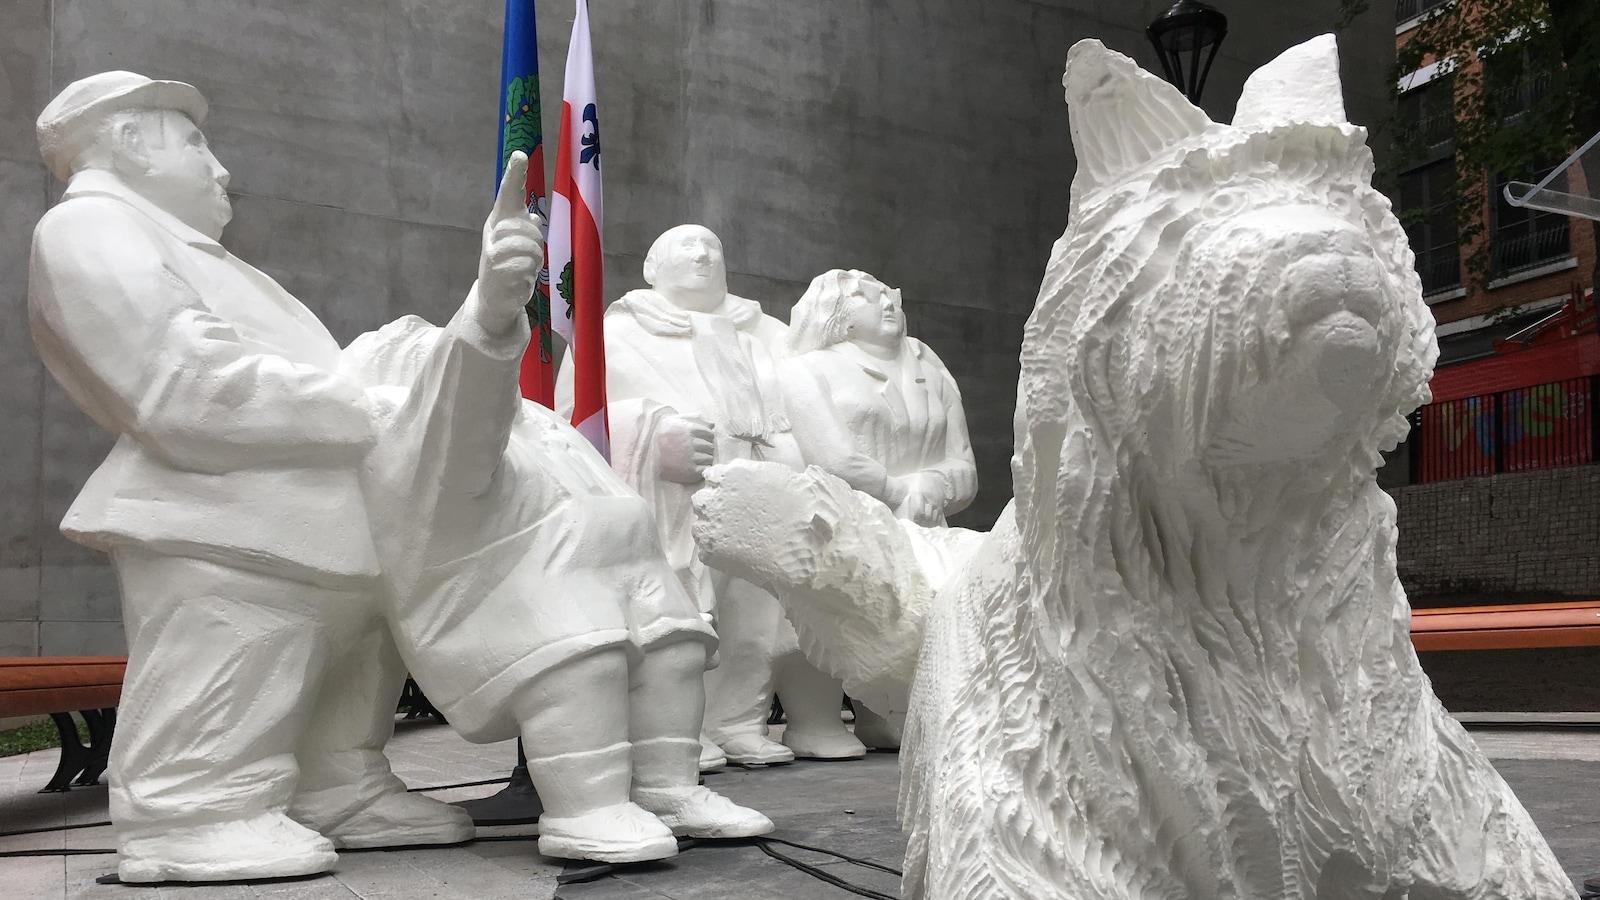 L'oeuvre Les touristes, d'Elisabeth Buffoli, dans le Jardin de Paris du parc de La Presse, à Montréal, montrant quatre personnages, dont un pointe vers le haut, et un chien.